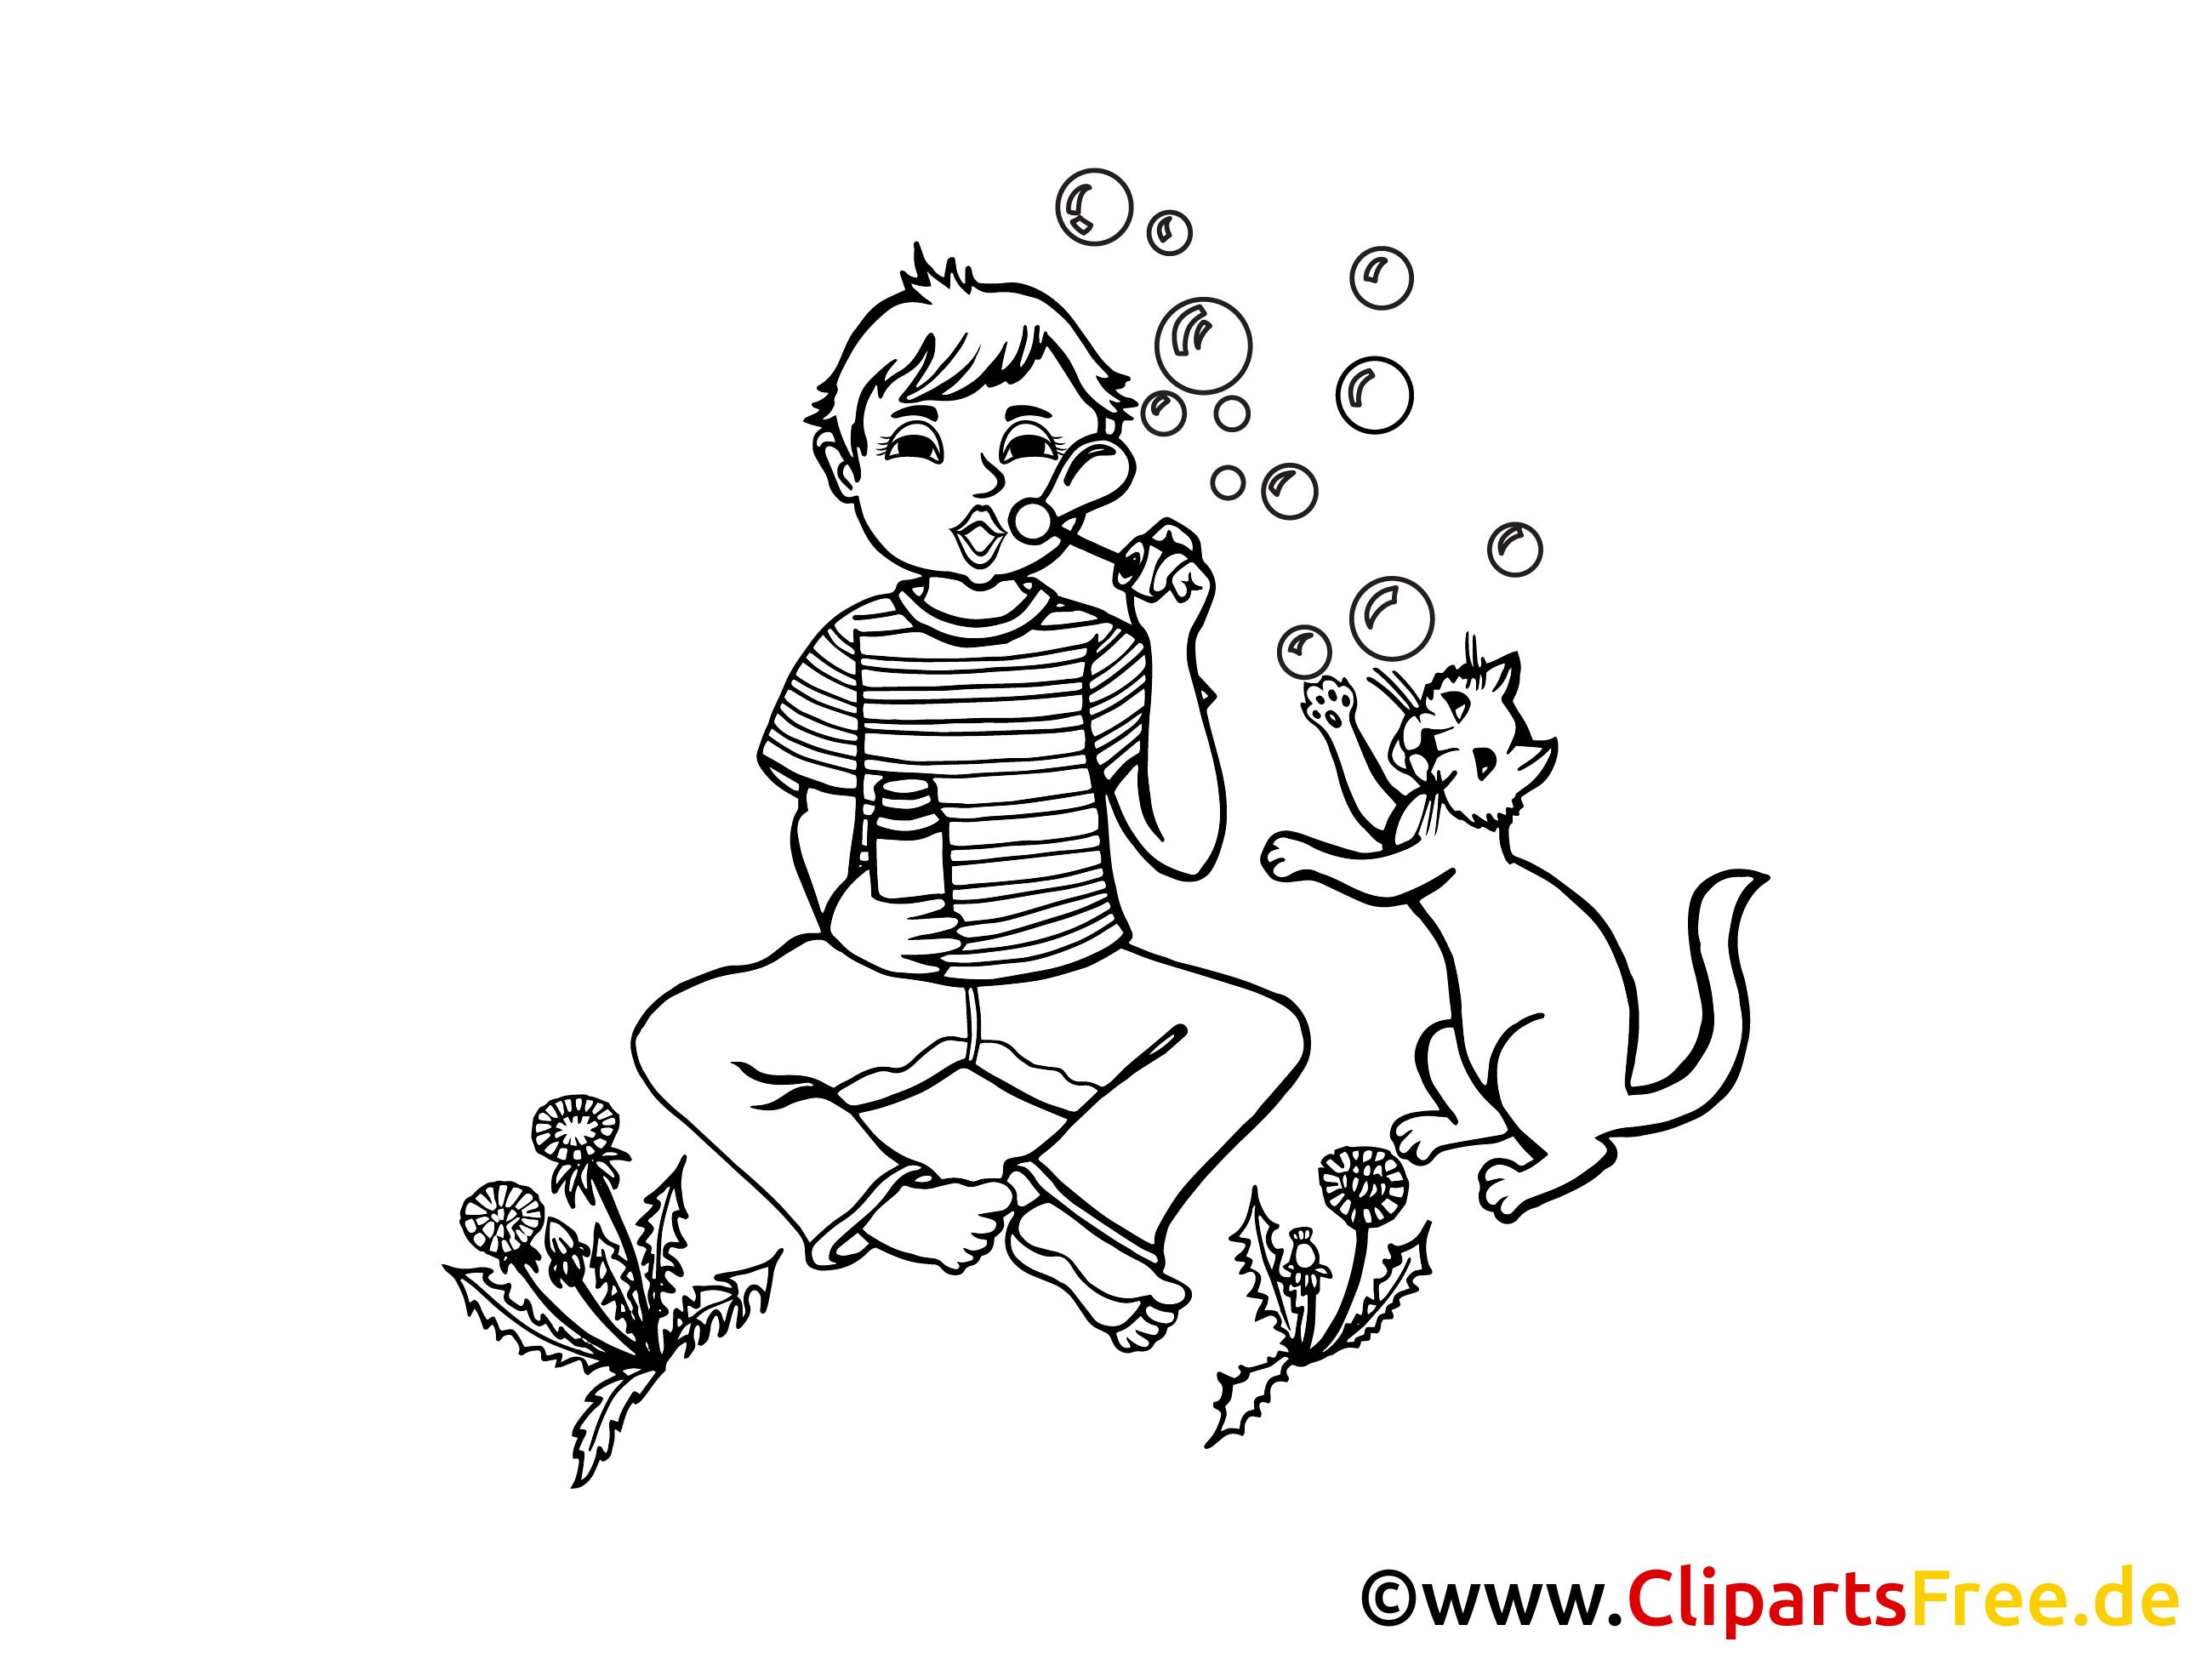 Kostenlose Malvorlage Seifenblasen Junge Kind Kater